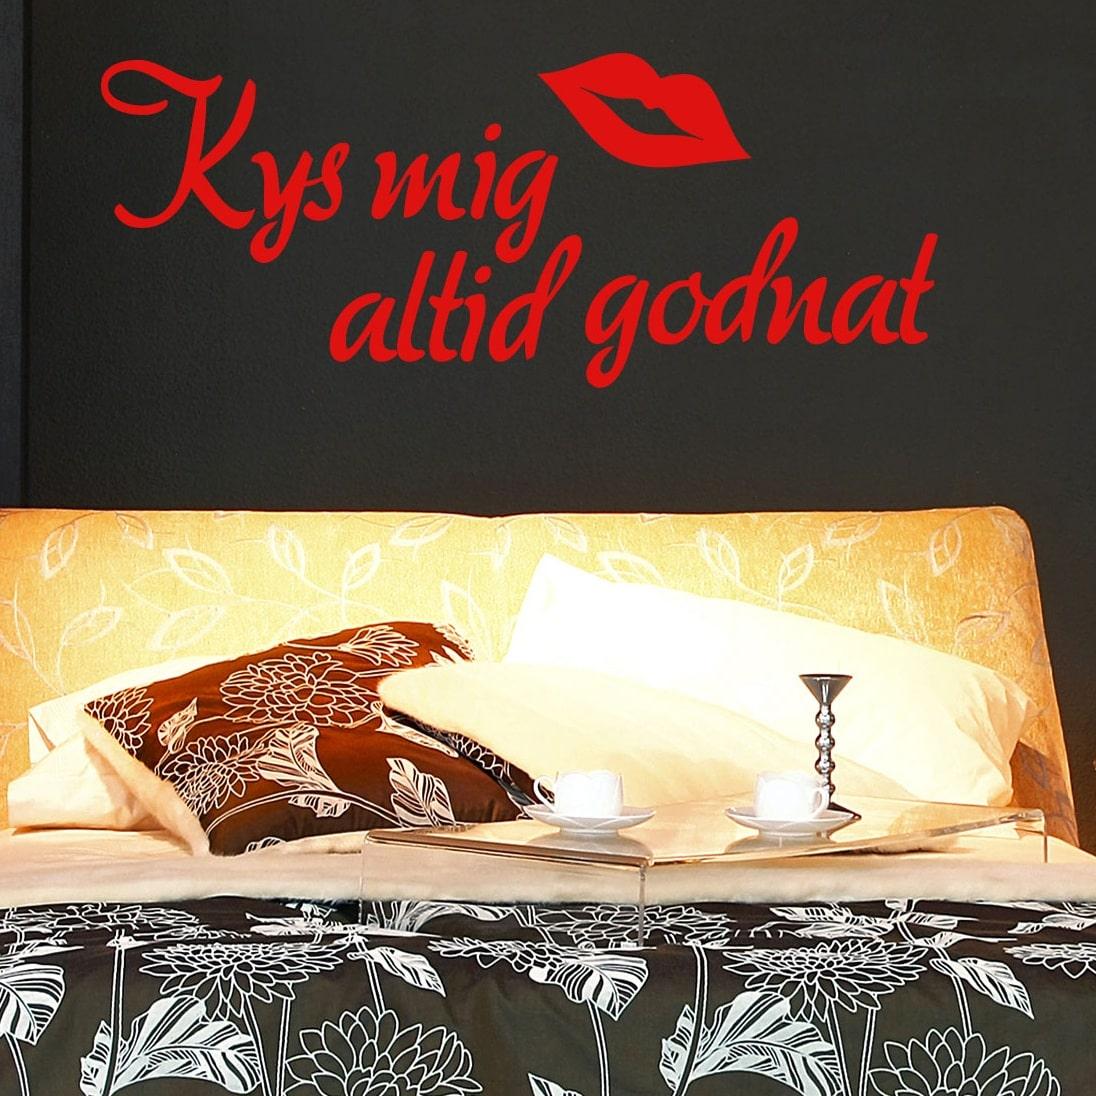 Wallsticker Kys mig altid godnat